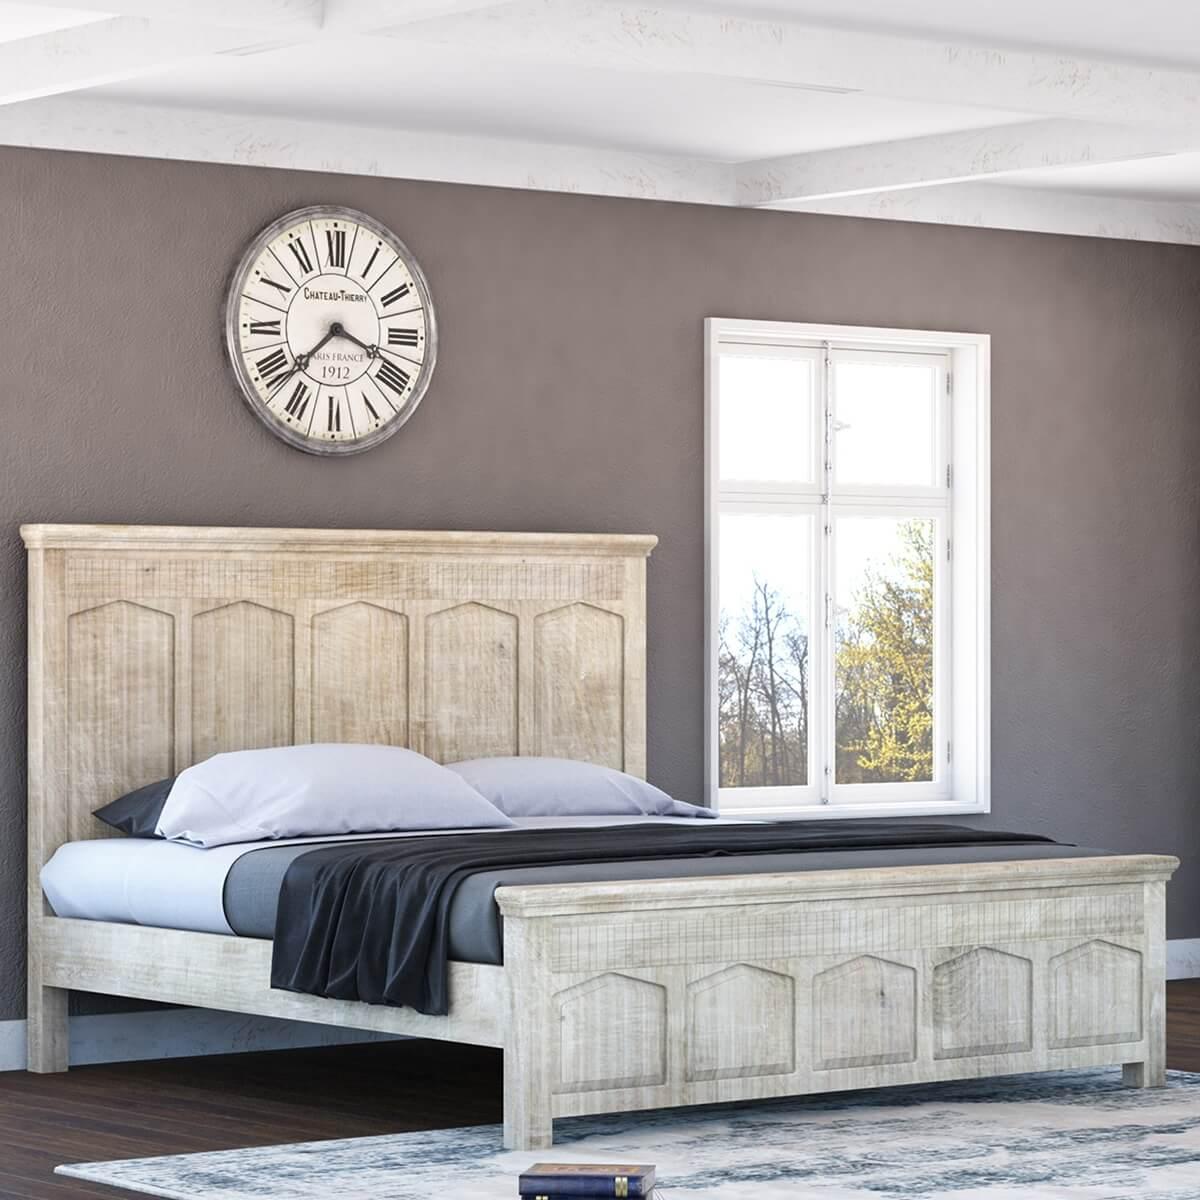 mission winter white full size platform bed frame w high headboard. Black Bedroom Furniture Sets. Home Design Ideas